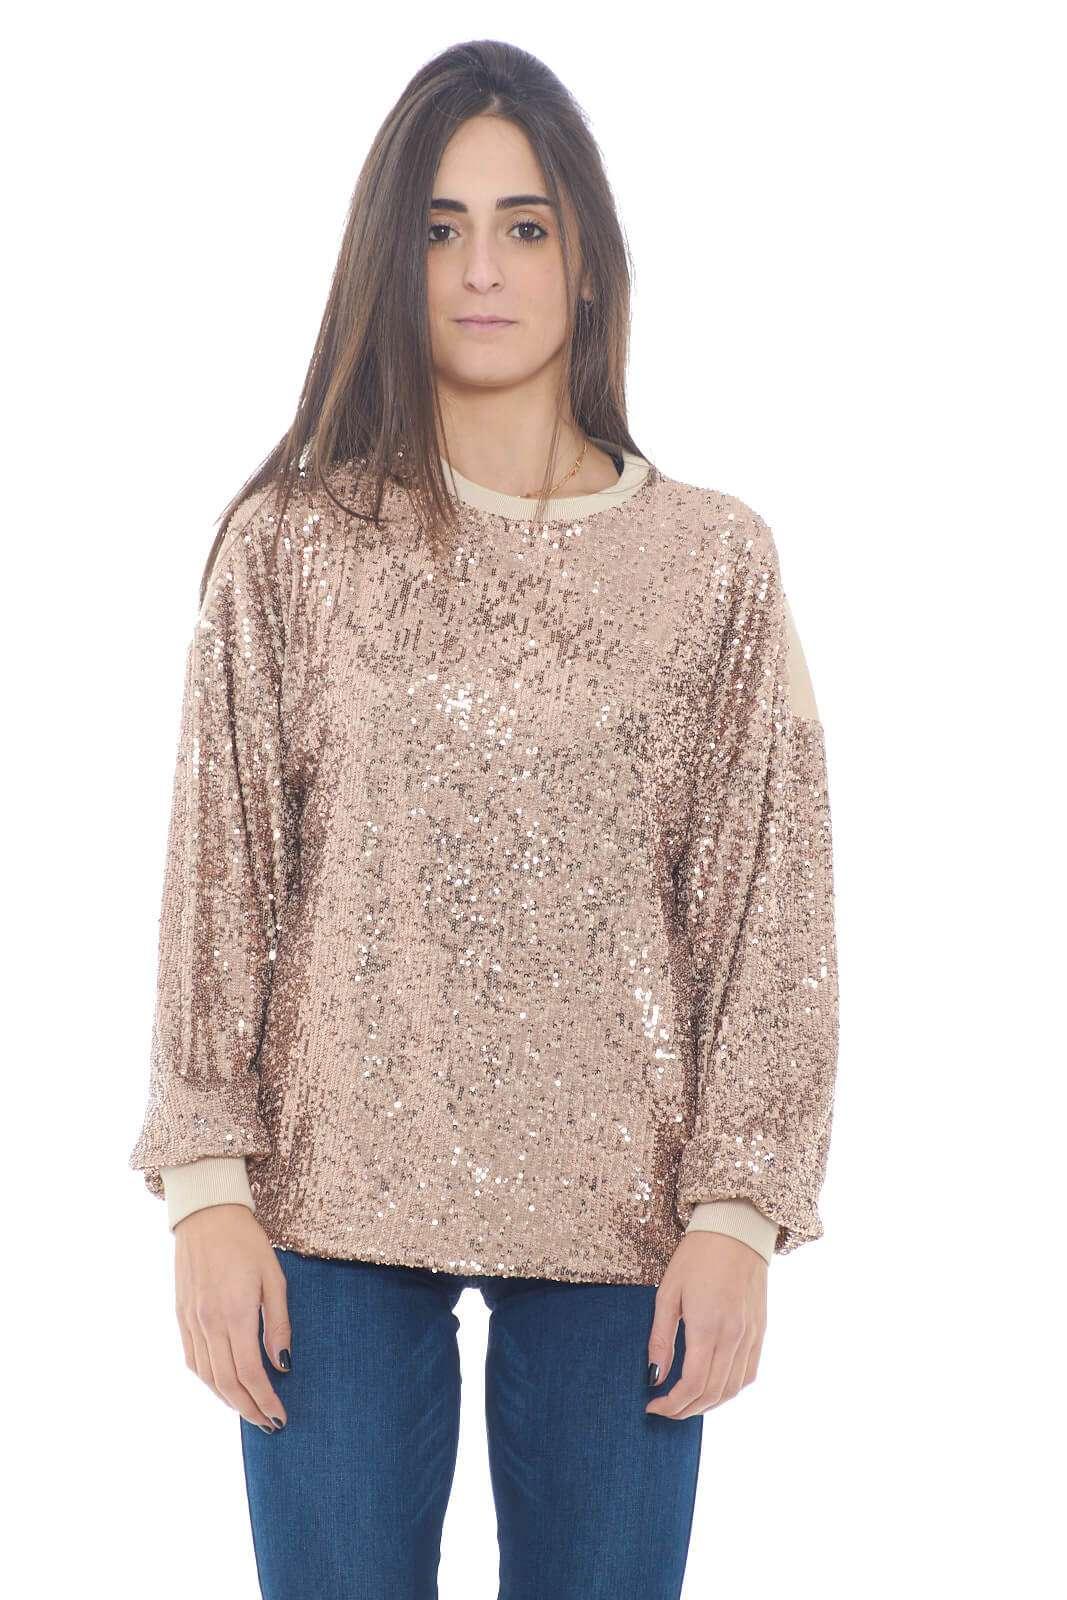 Una maglia fashion, grazie alle paillettes applicate lungo tutta la parte anteriore. L'ideale per outfit chic e quotidiani, dove potrai sfoggiare un look sempre pronto a stupire.  La modella è alta 1,78m e indossa la taglia 42.